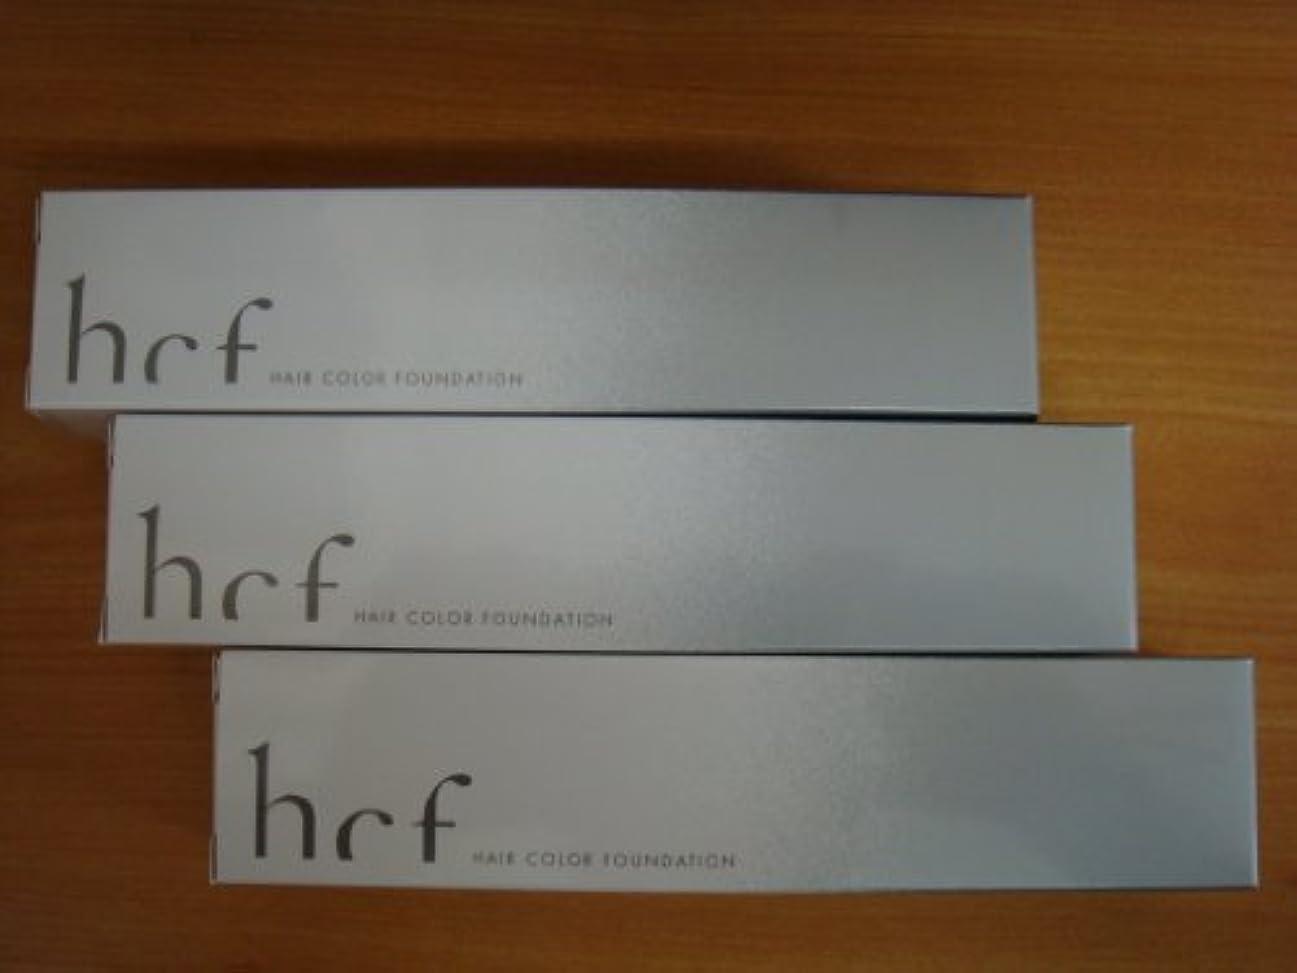 愛するまで激怒hcf ヘアカラー 120g 1剤 (5-GB)